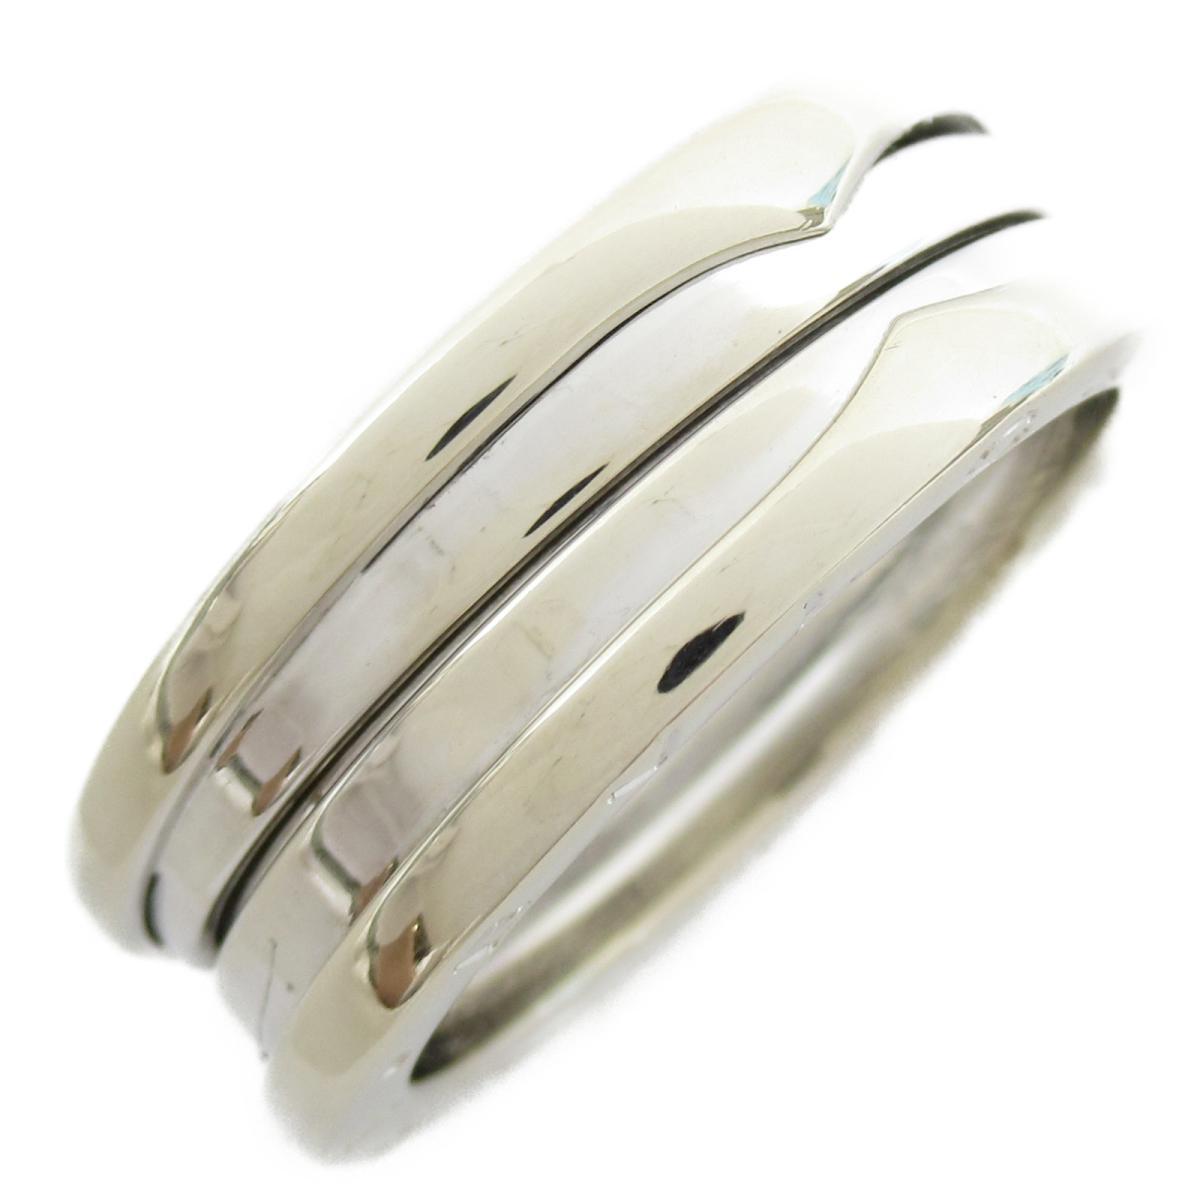 ブルガリ B-zero1 リング Sサイズ ビーゼロワン 指輪 ブランドジュエリー メンズ レディース 18Kホワイトゴールド 【中古】 | BVLGARI BRANDOFF ブランドオフ ブランド ジュエリー アクセサリー